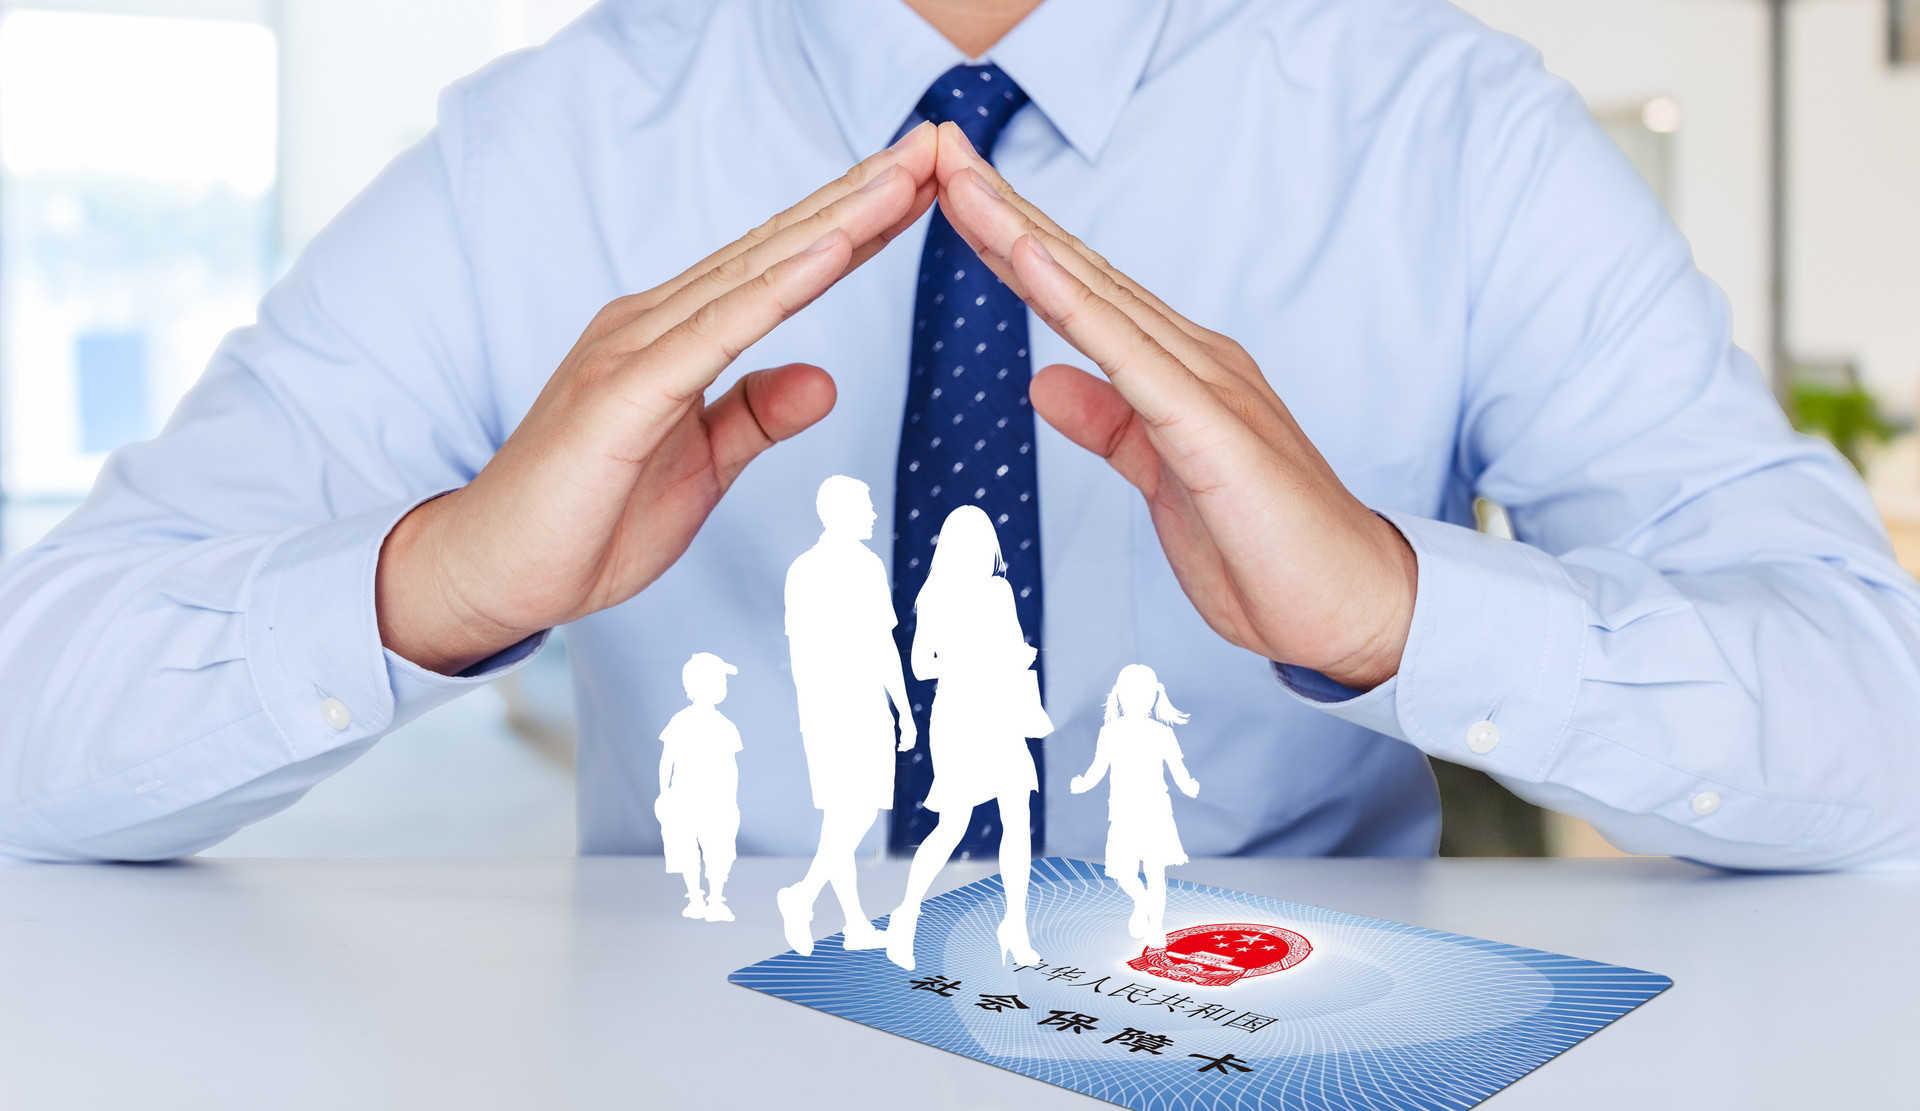 委托社保代理,员工以未缴社保为由单方解除,可以获得补偿金吗?